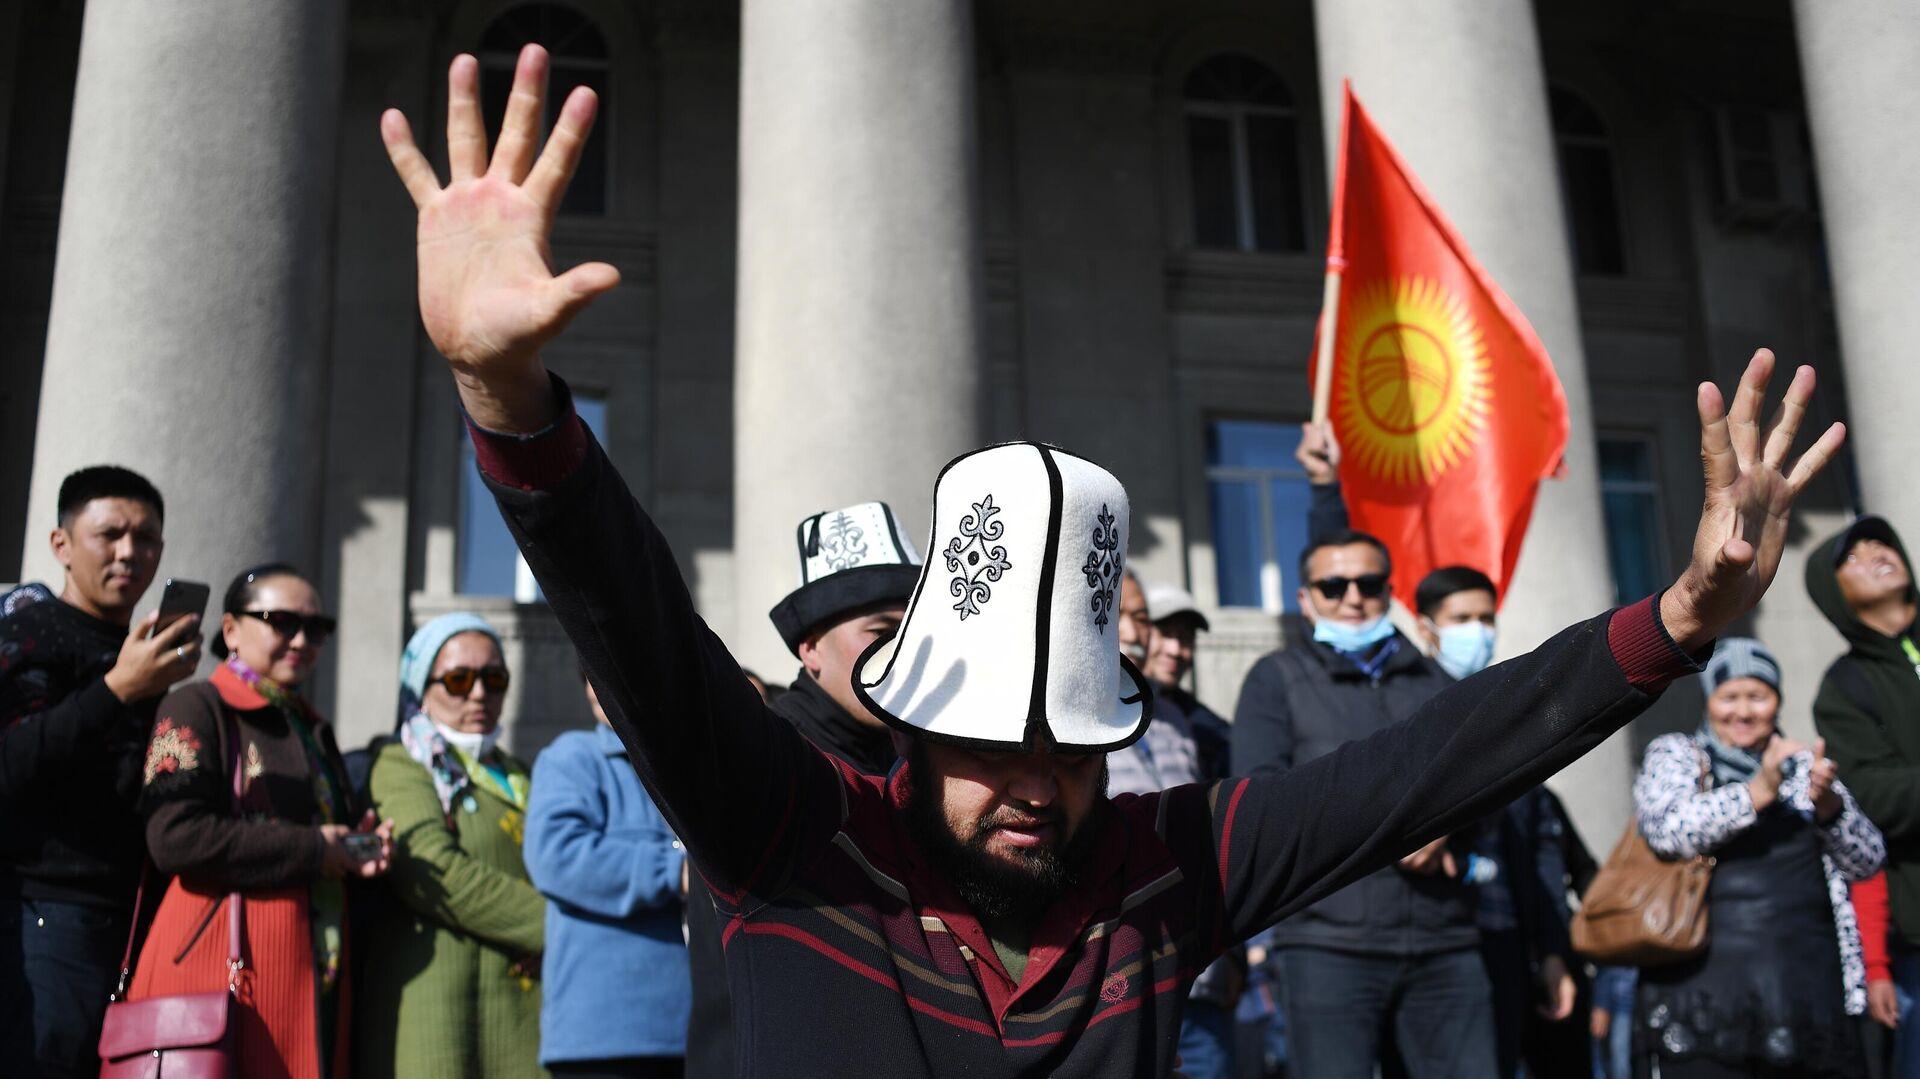 Участники митинга на Старой площади в Бишкеке - РИА Новости, 1920, 14.10.2020